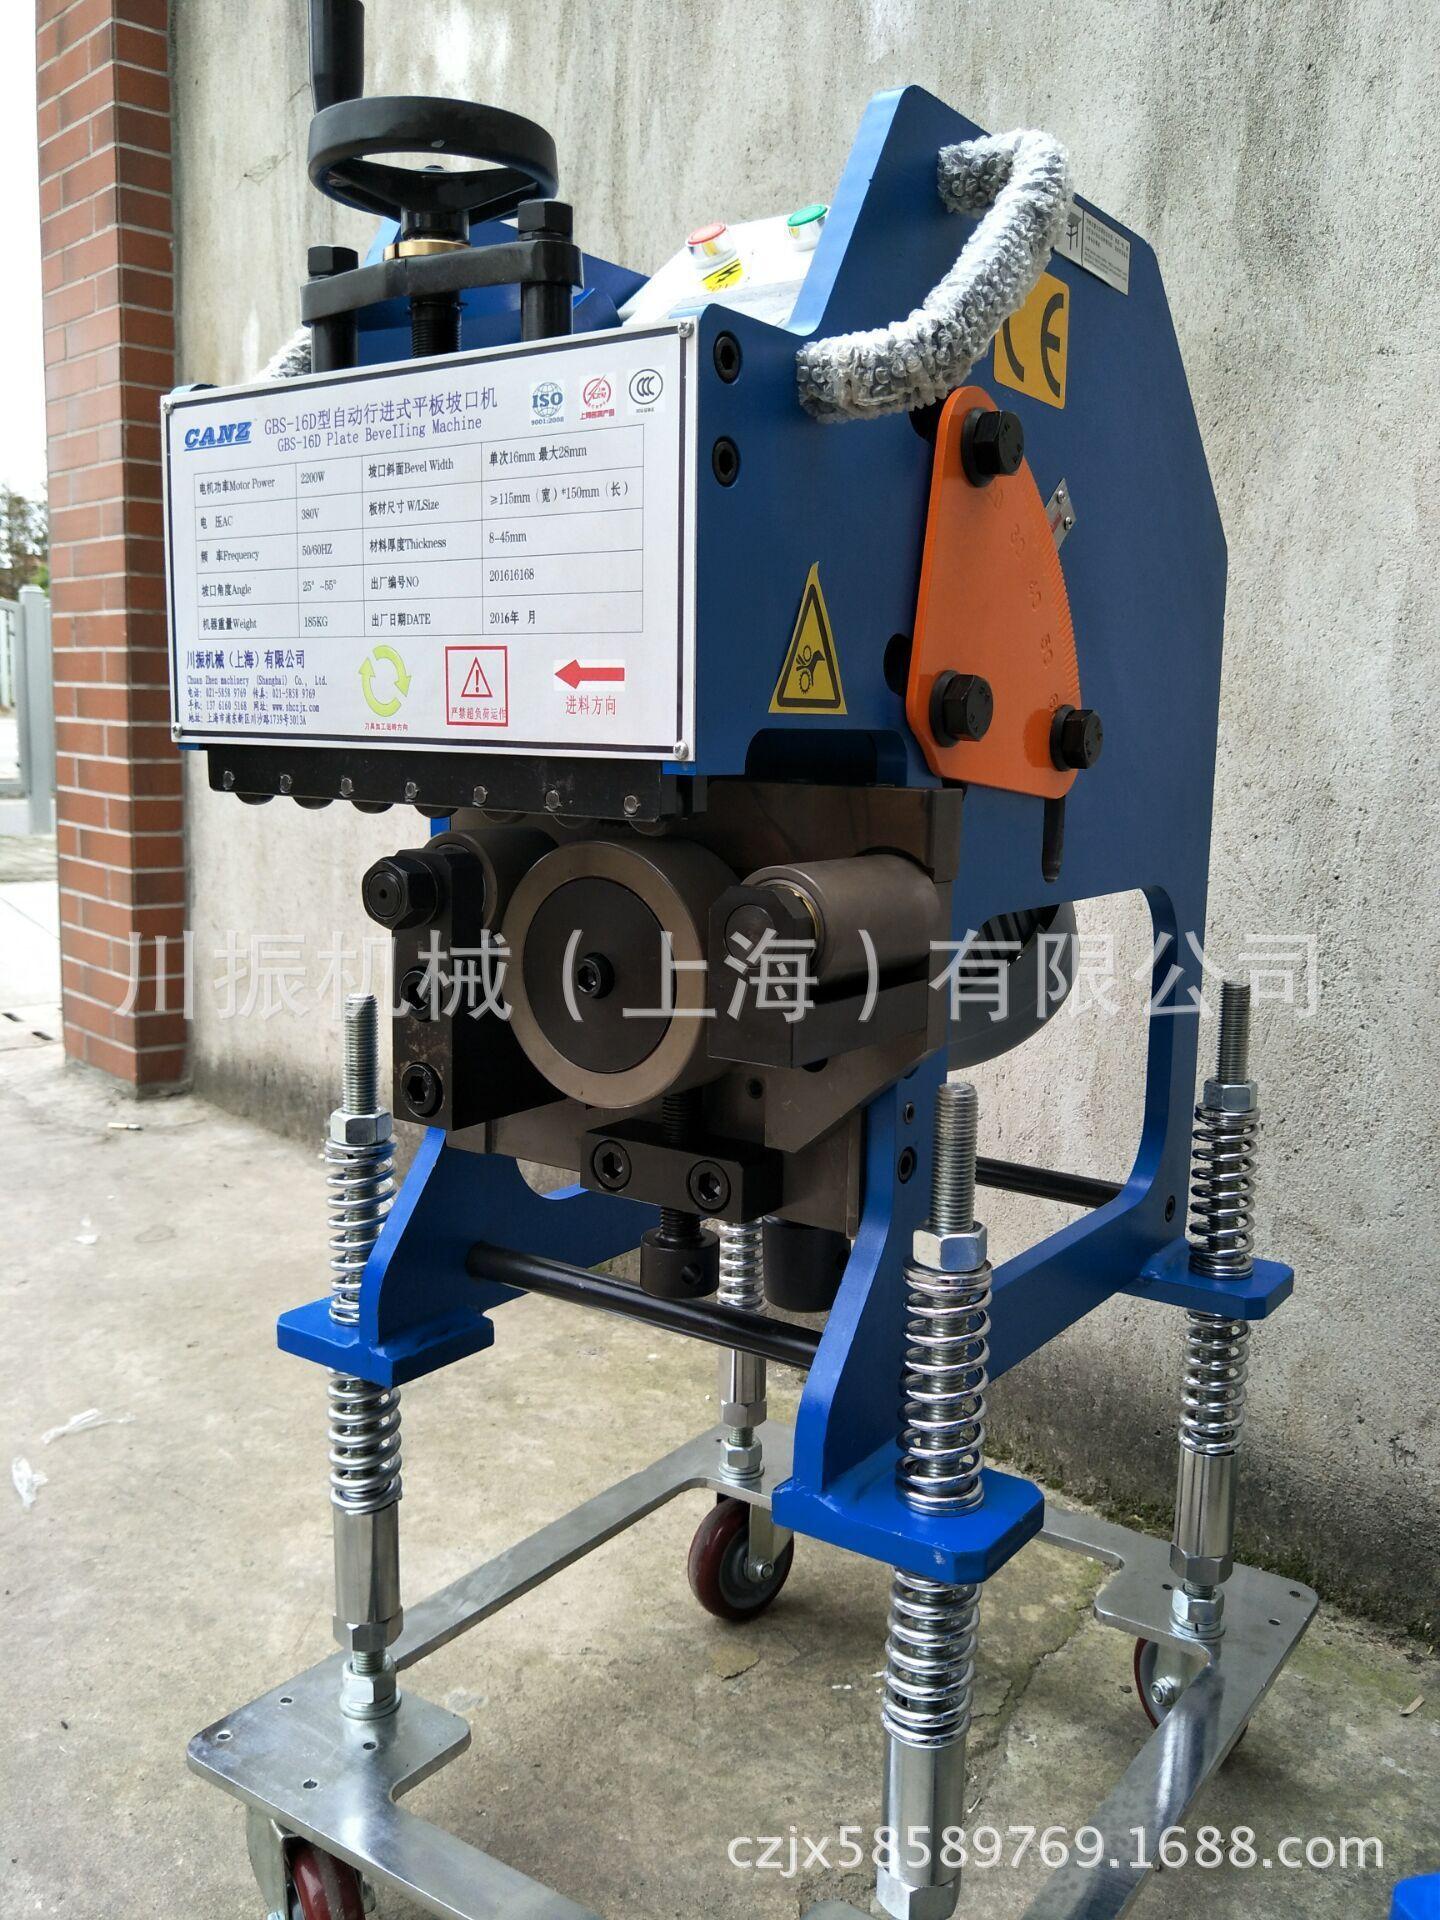 【不锈钢管子坡口机】价格,厂家,图片-中国网库